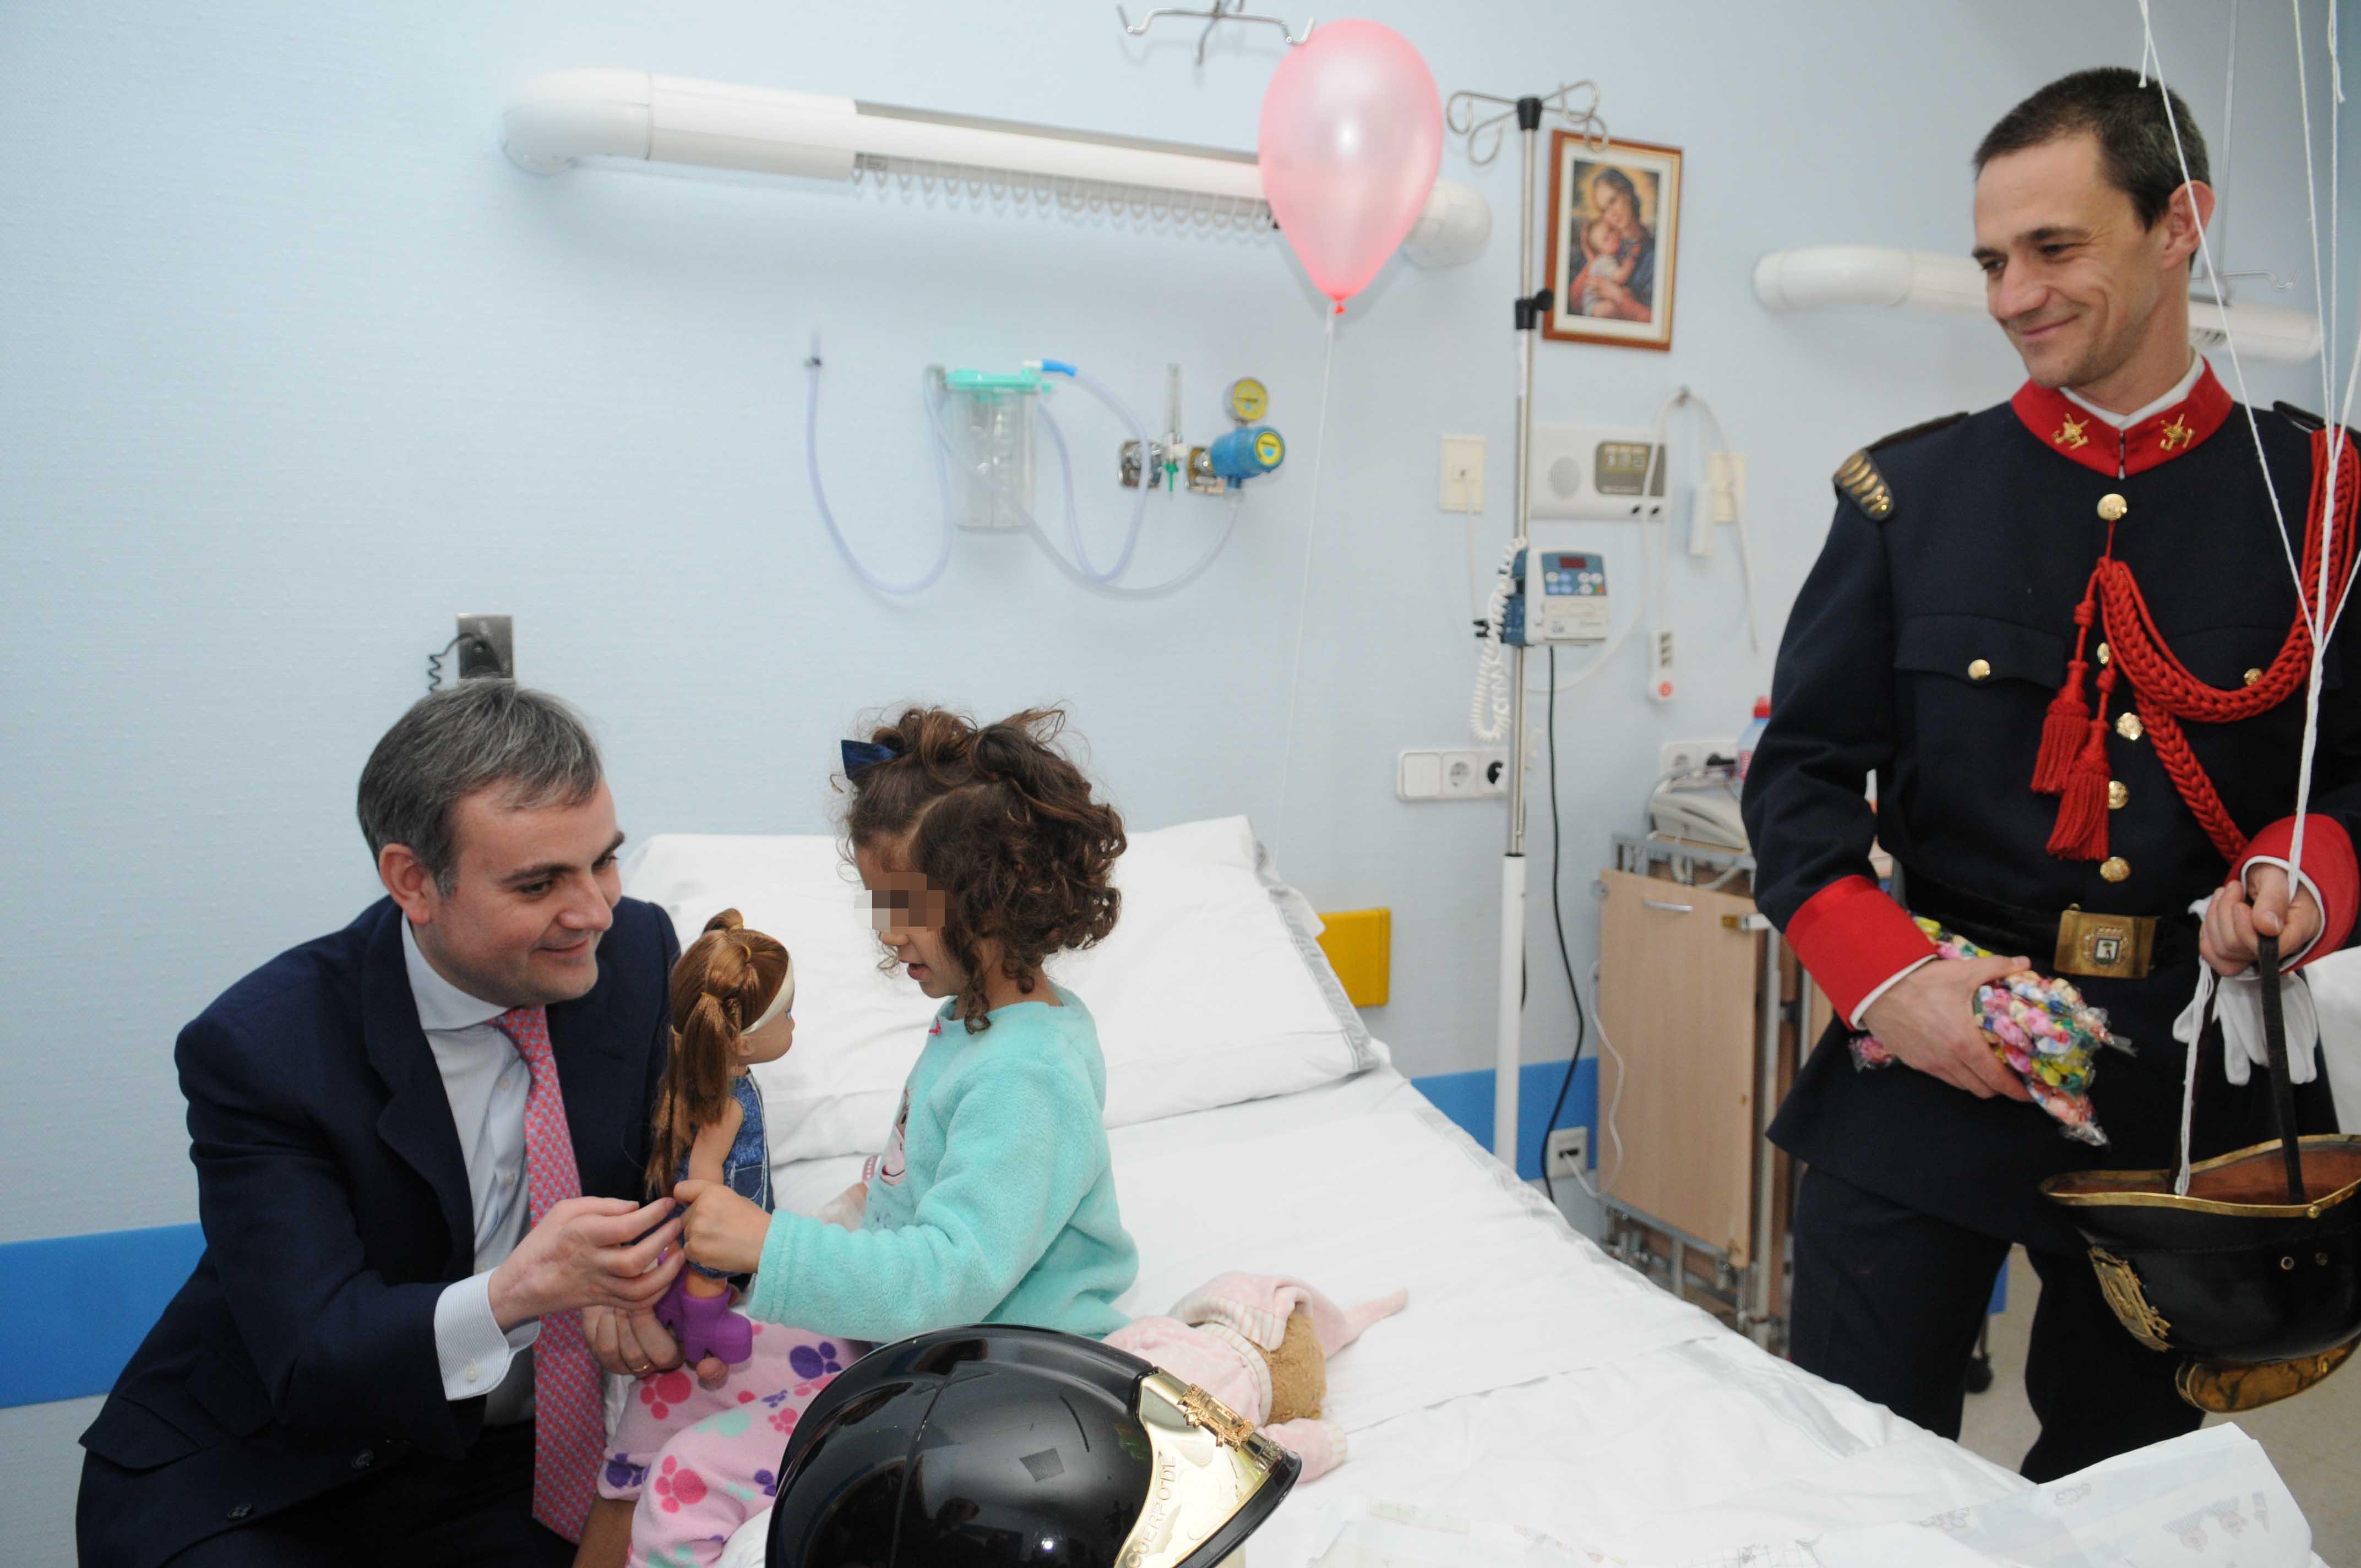 Hospitalizados De Los Niños Madrid Ayuntamiento Juguetes Para mnPyOv8N0w